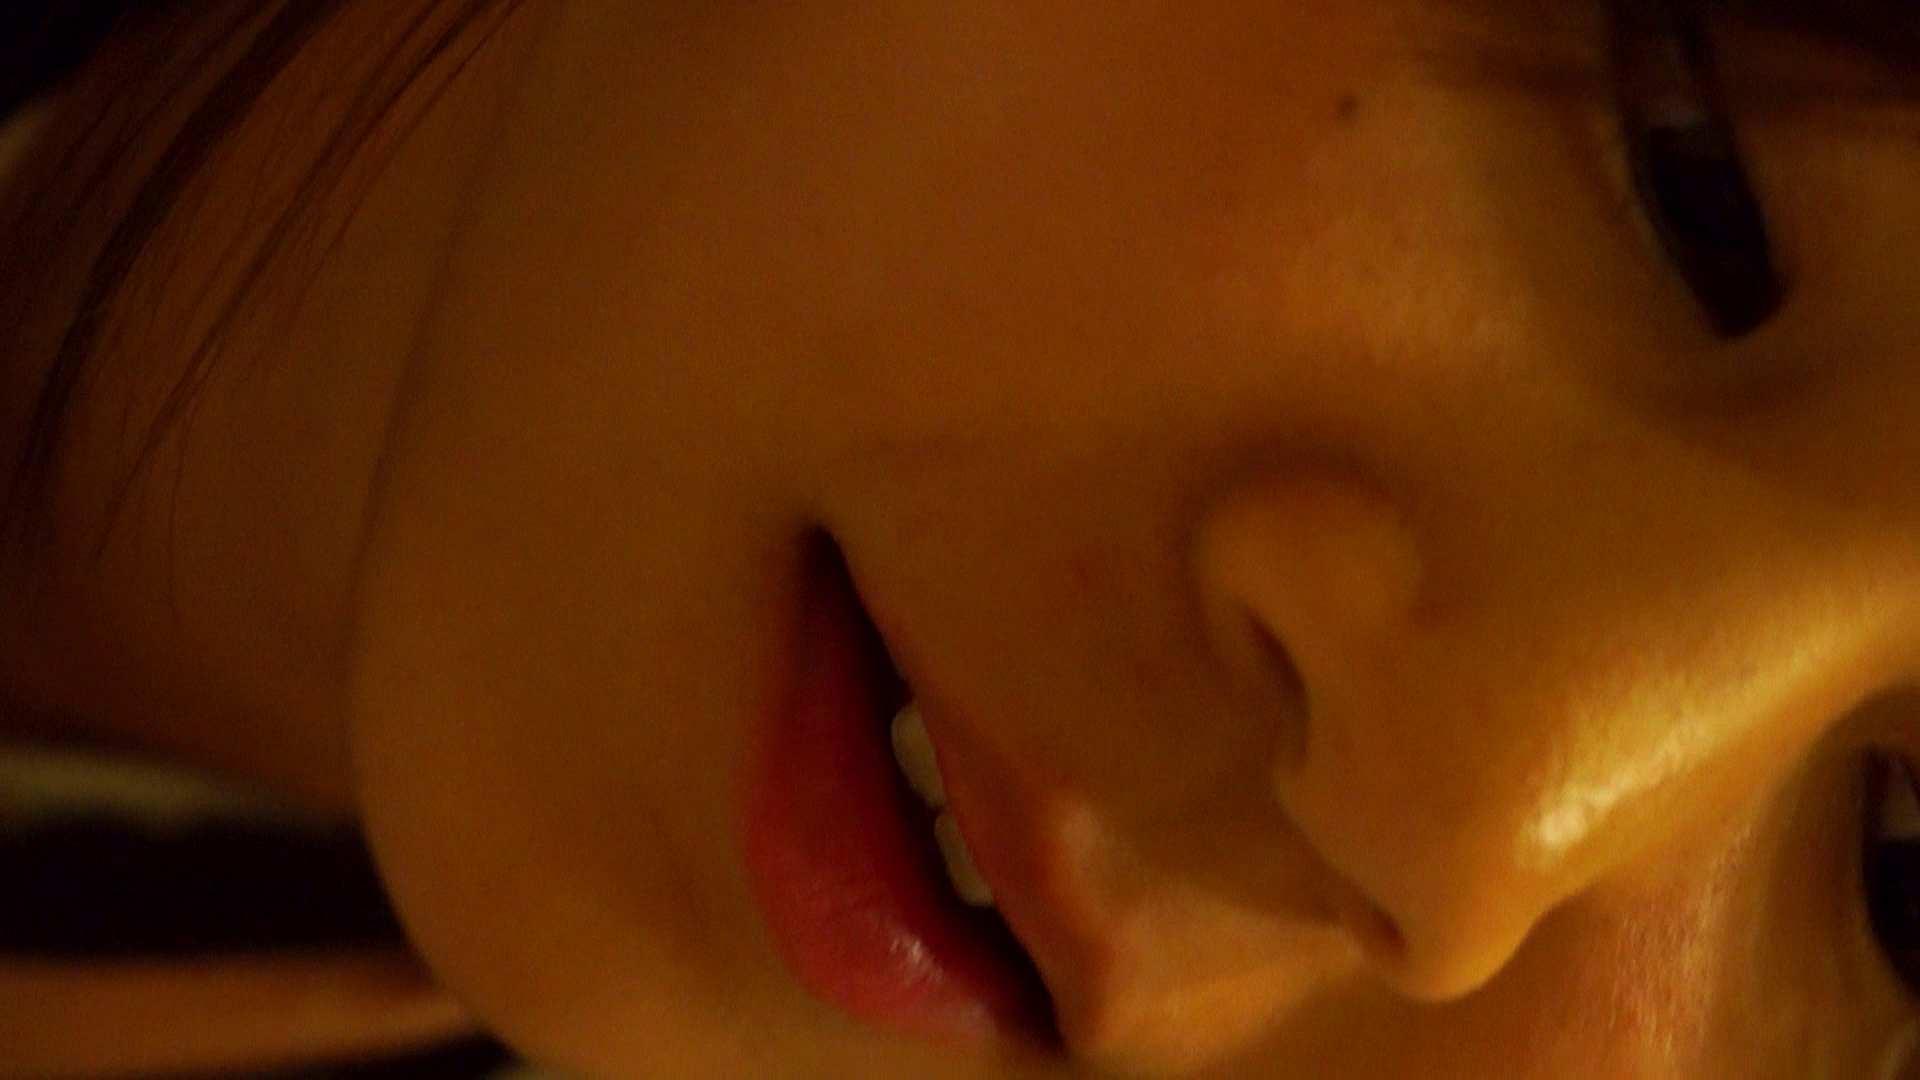 ハメ撮り|vol.14 照れながらもHな顔をしてくれました。|大奥